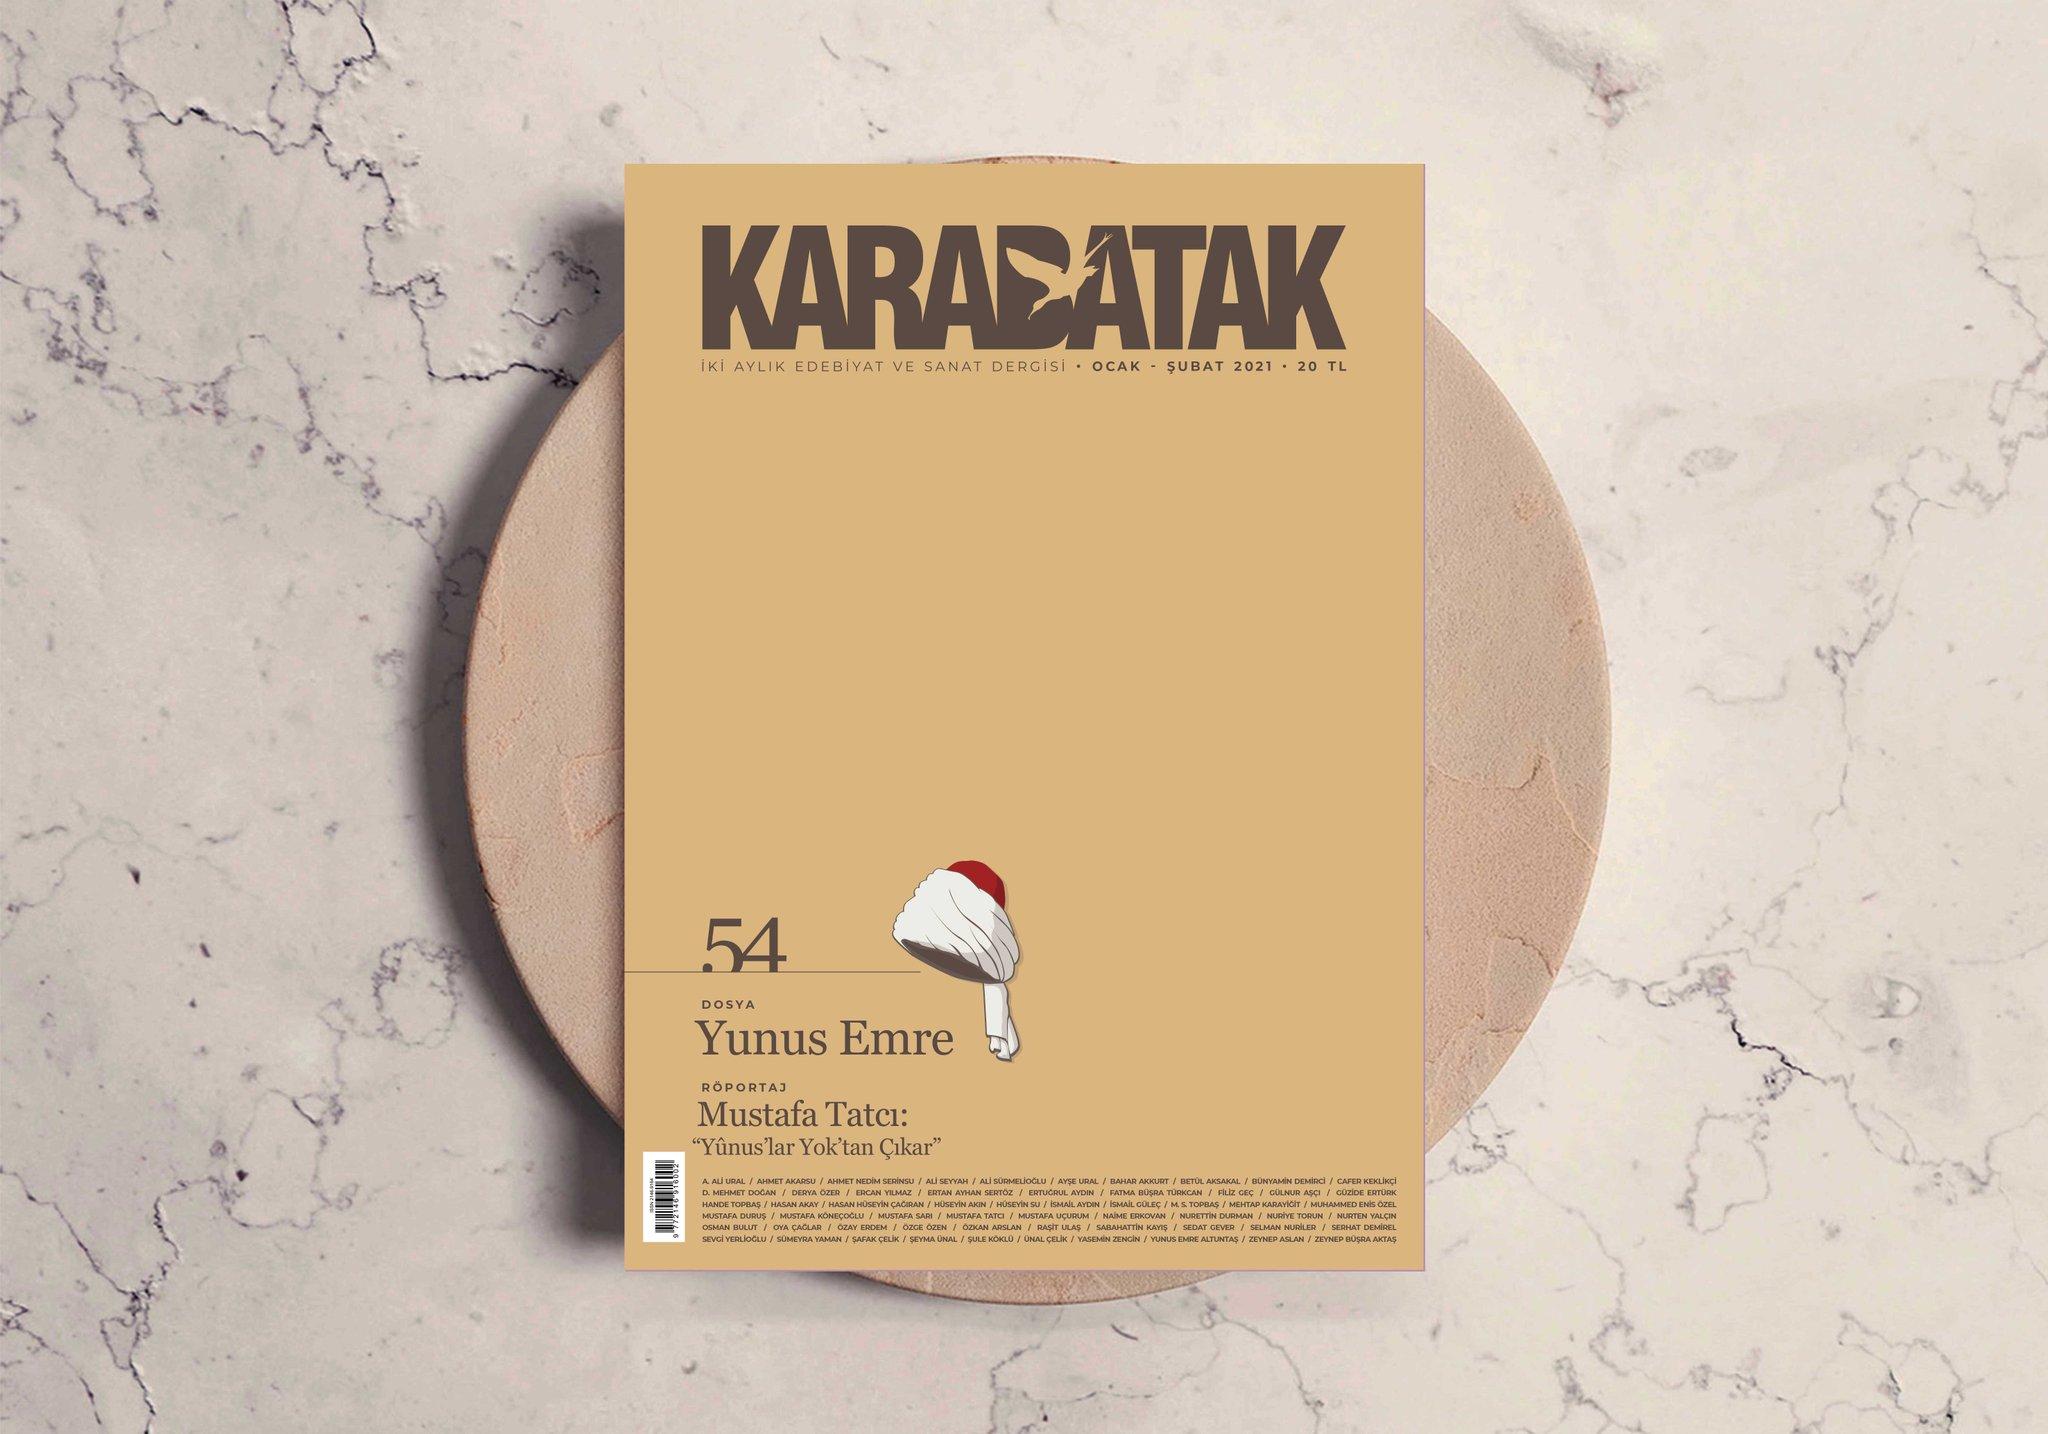 Karabatak dergisinin 54. Sayısı çıktı